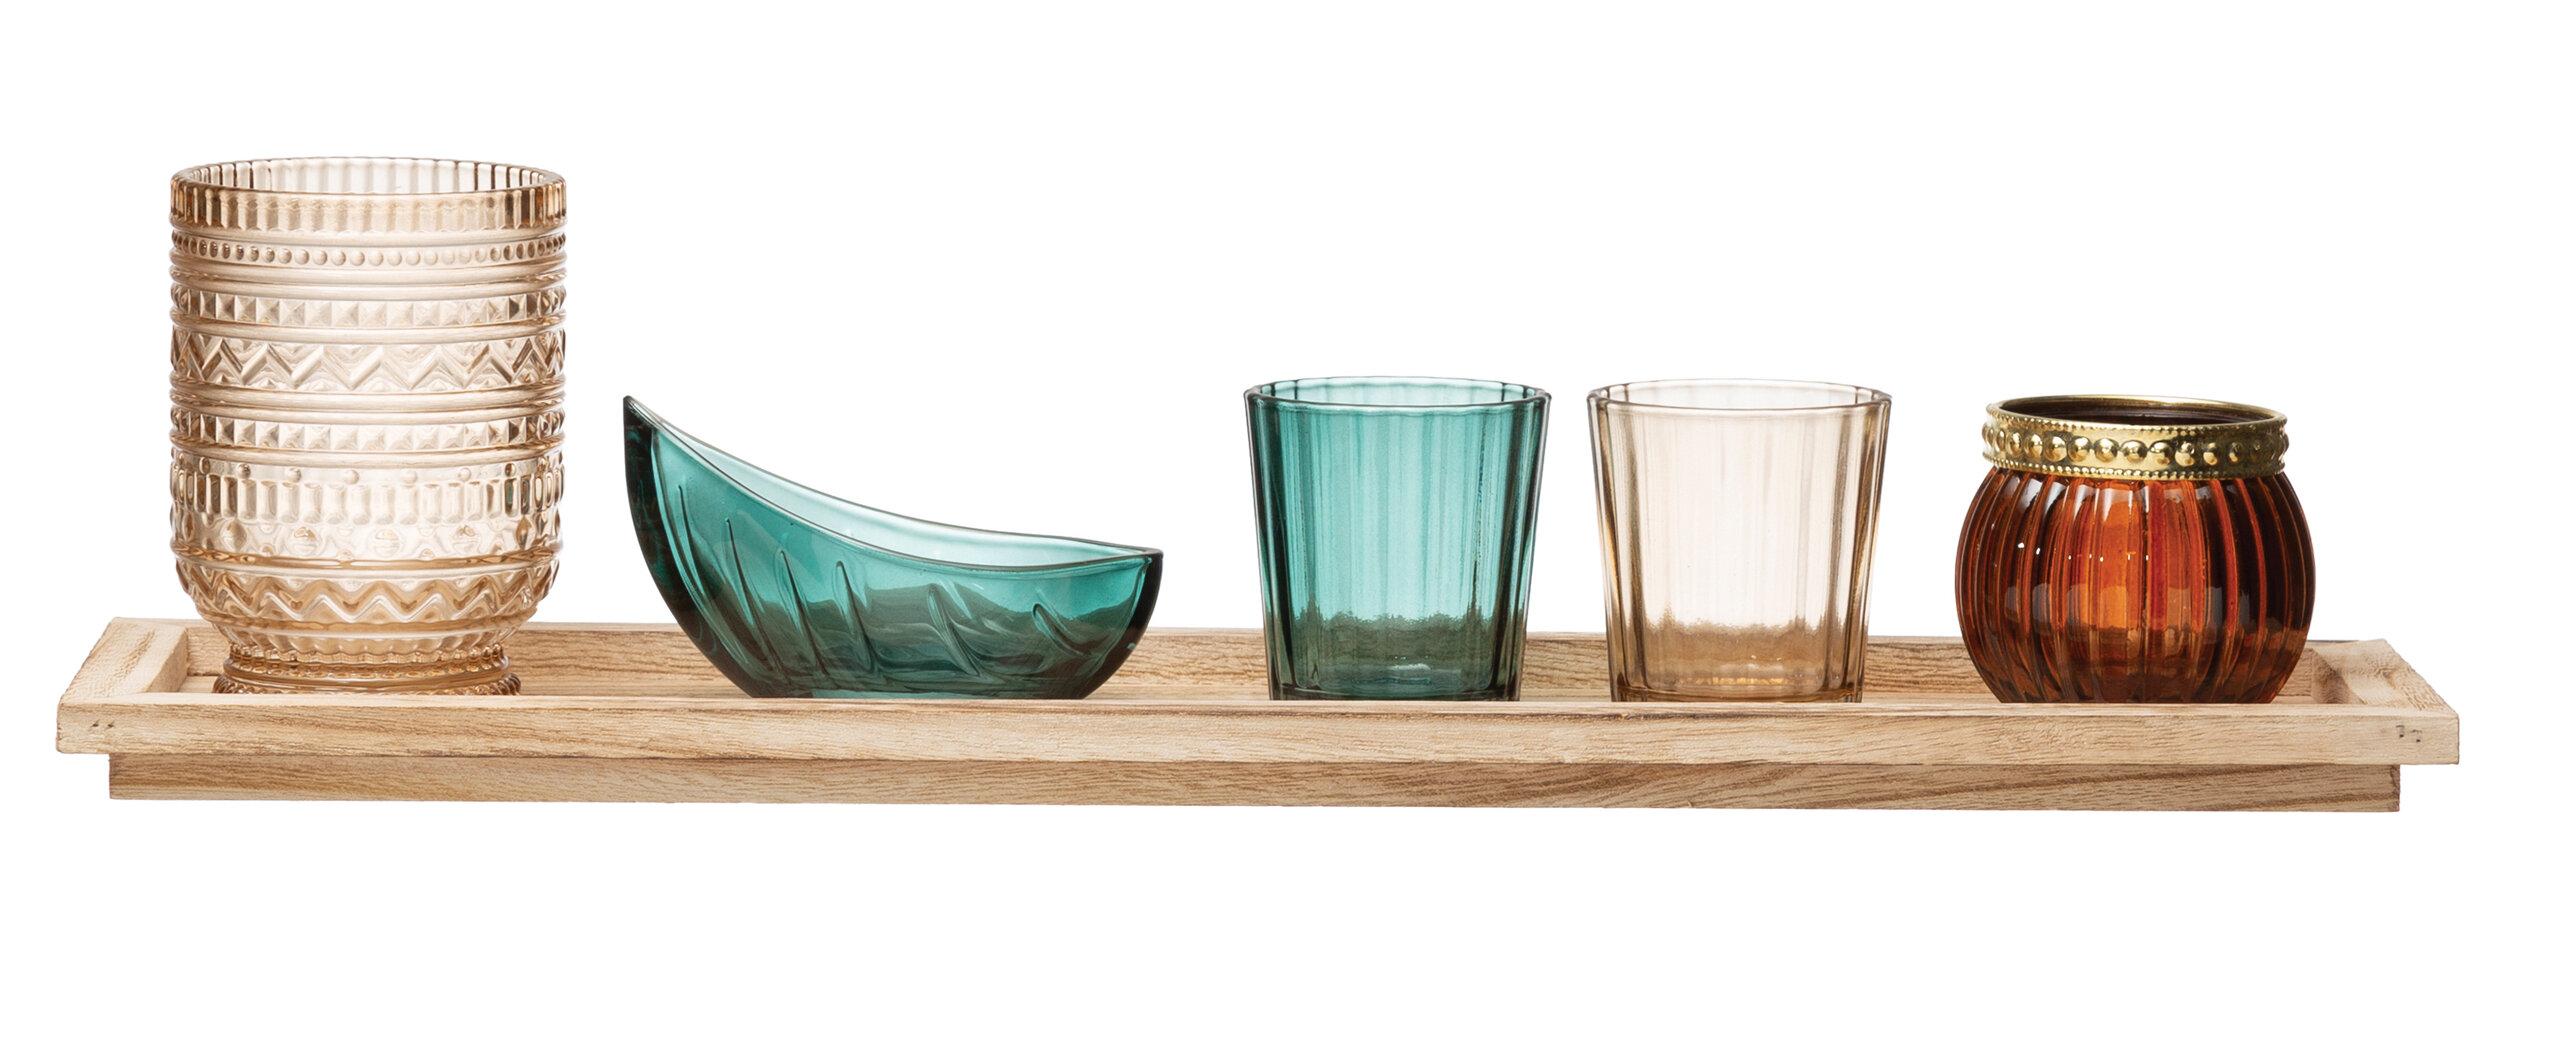 5 Piece Glass Votive Holder Set Reviews Joss Main